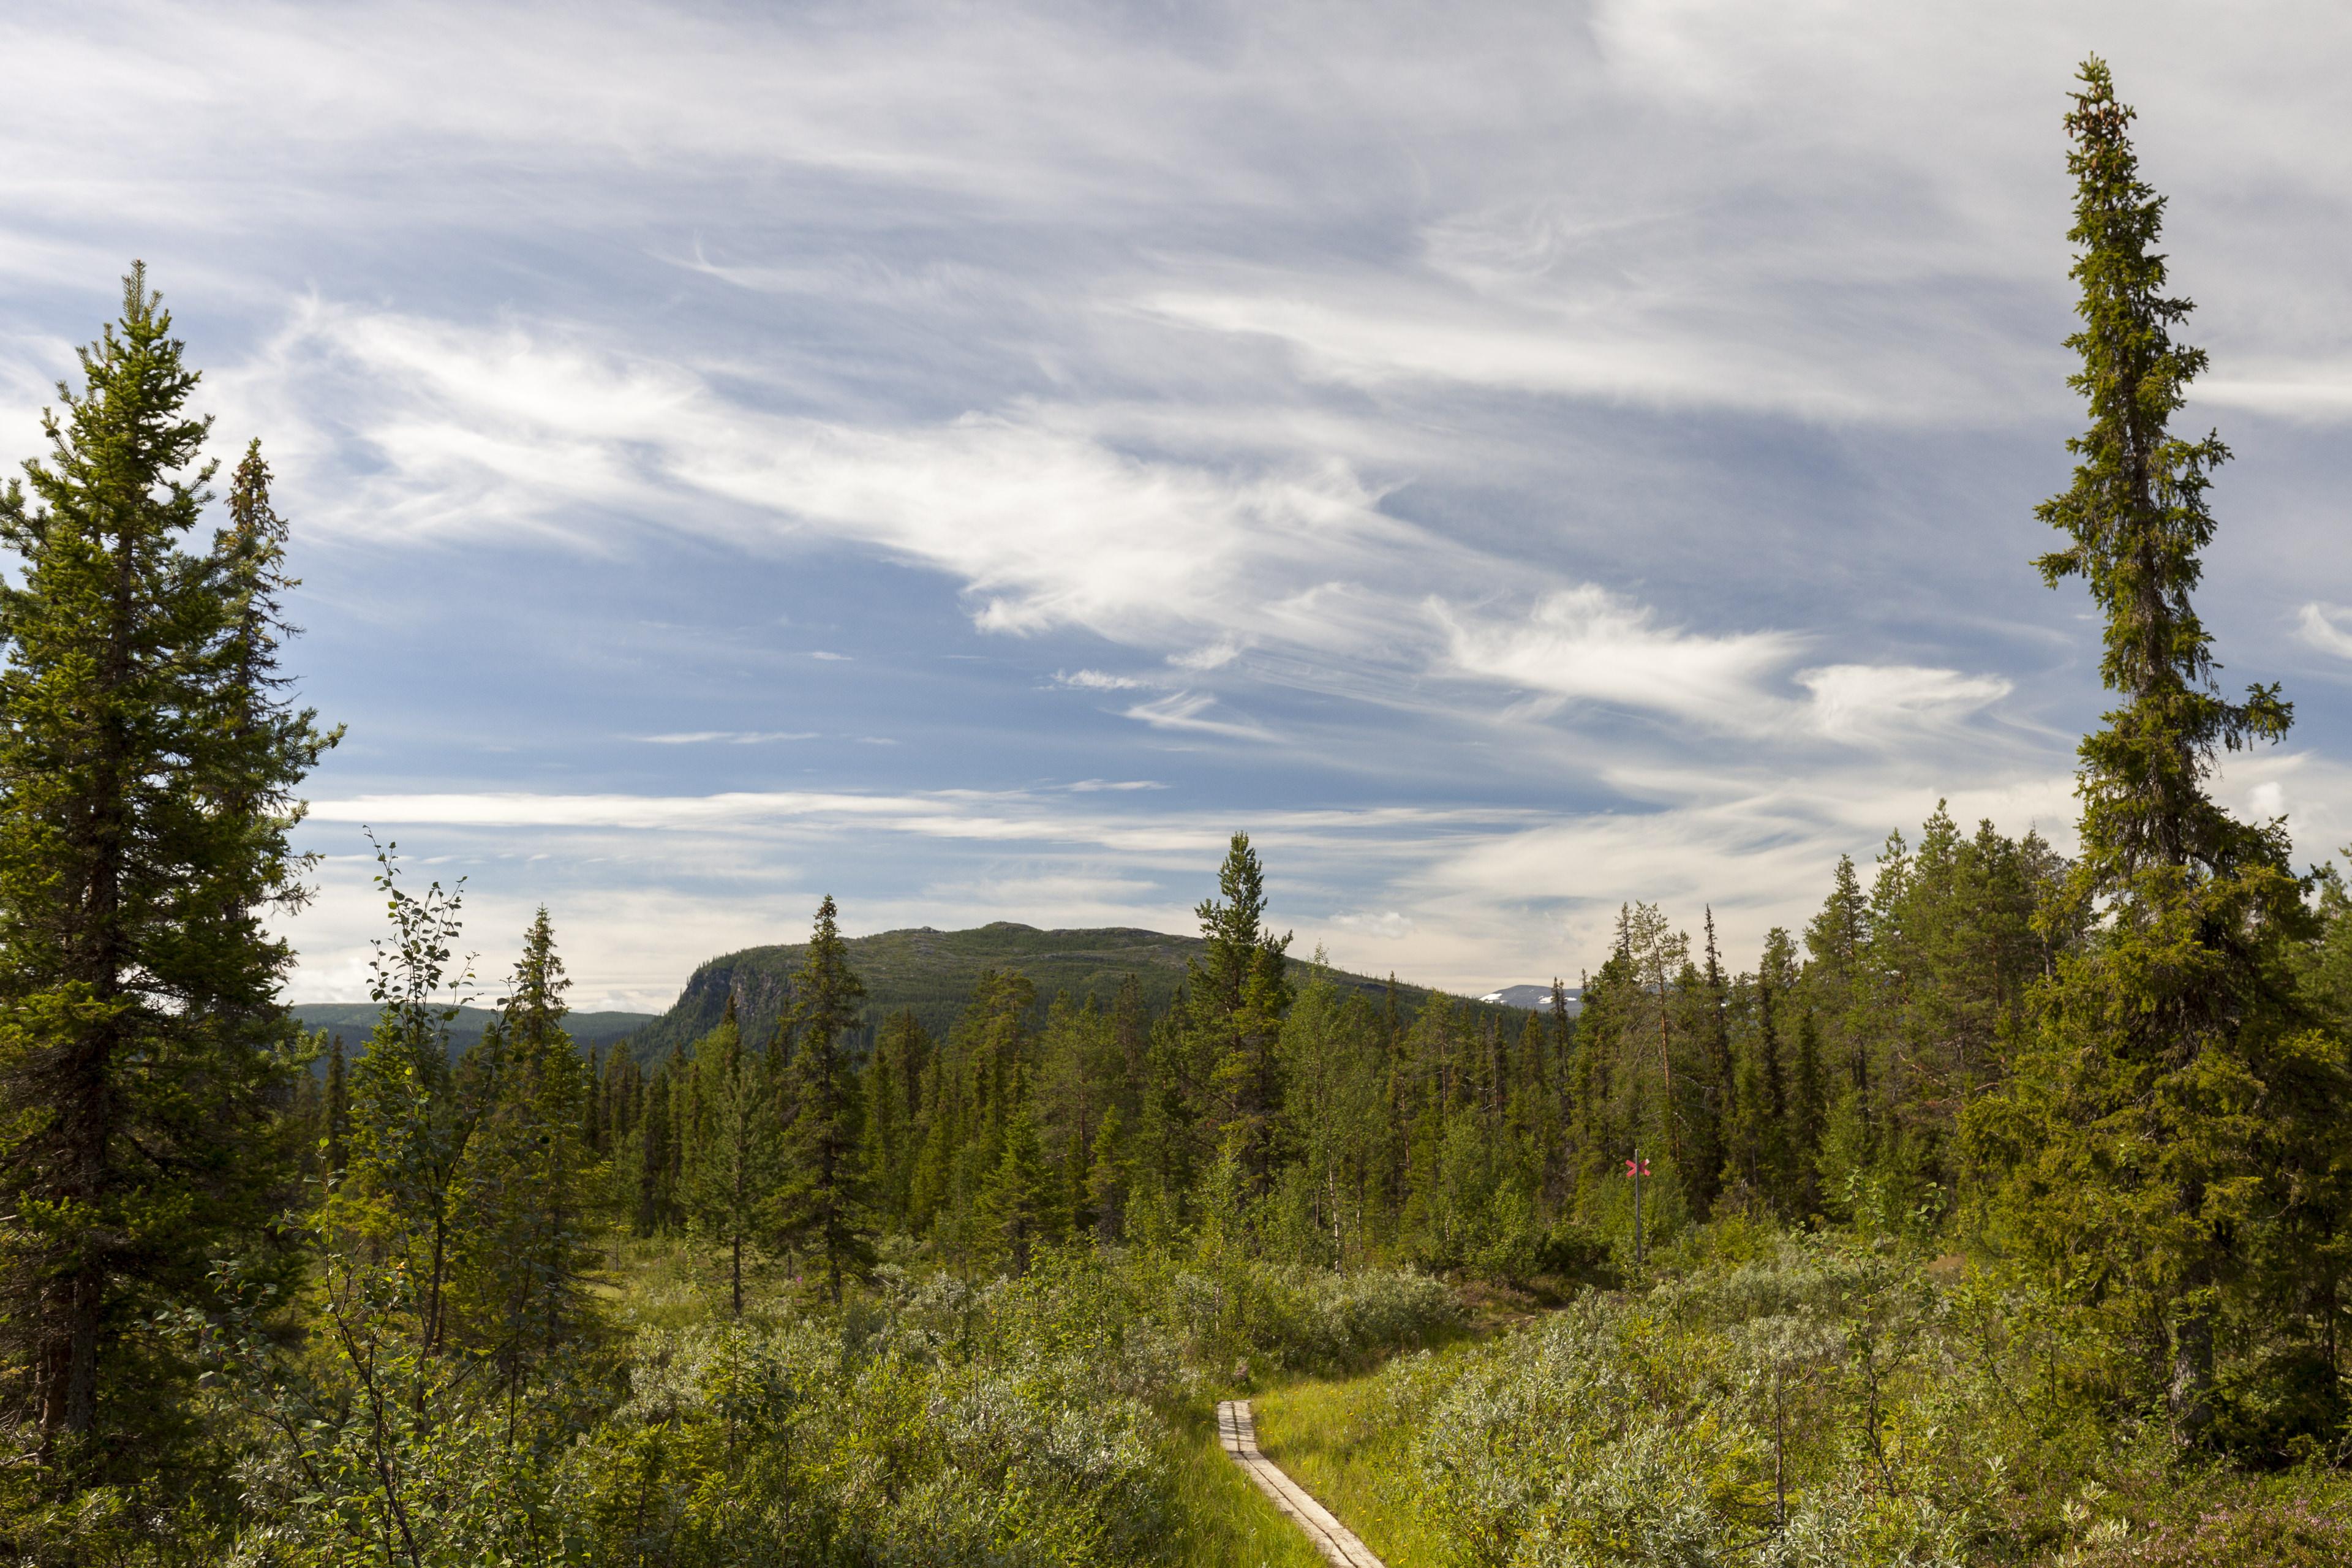 Durch den Wald nach Kvikkjokk,©Markus Proske—Canon EOS 5D Mark II, EF16-35mm f/4L IS USM, 35mm, 1/200s, Blende 8, ISO 200